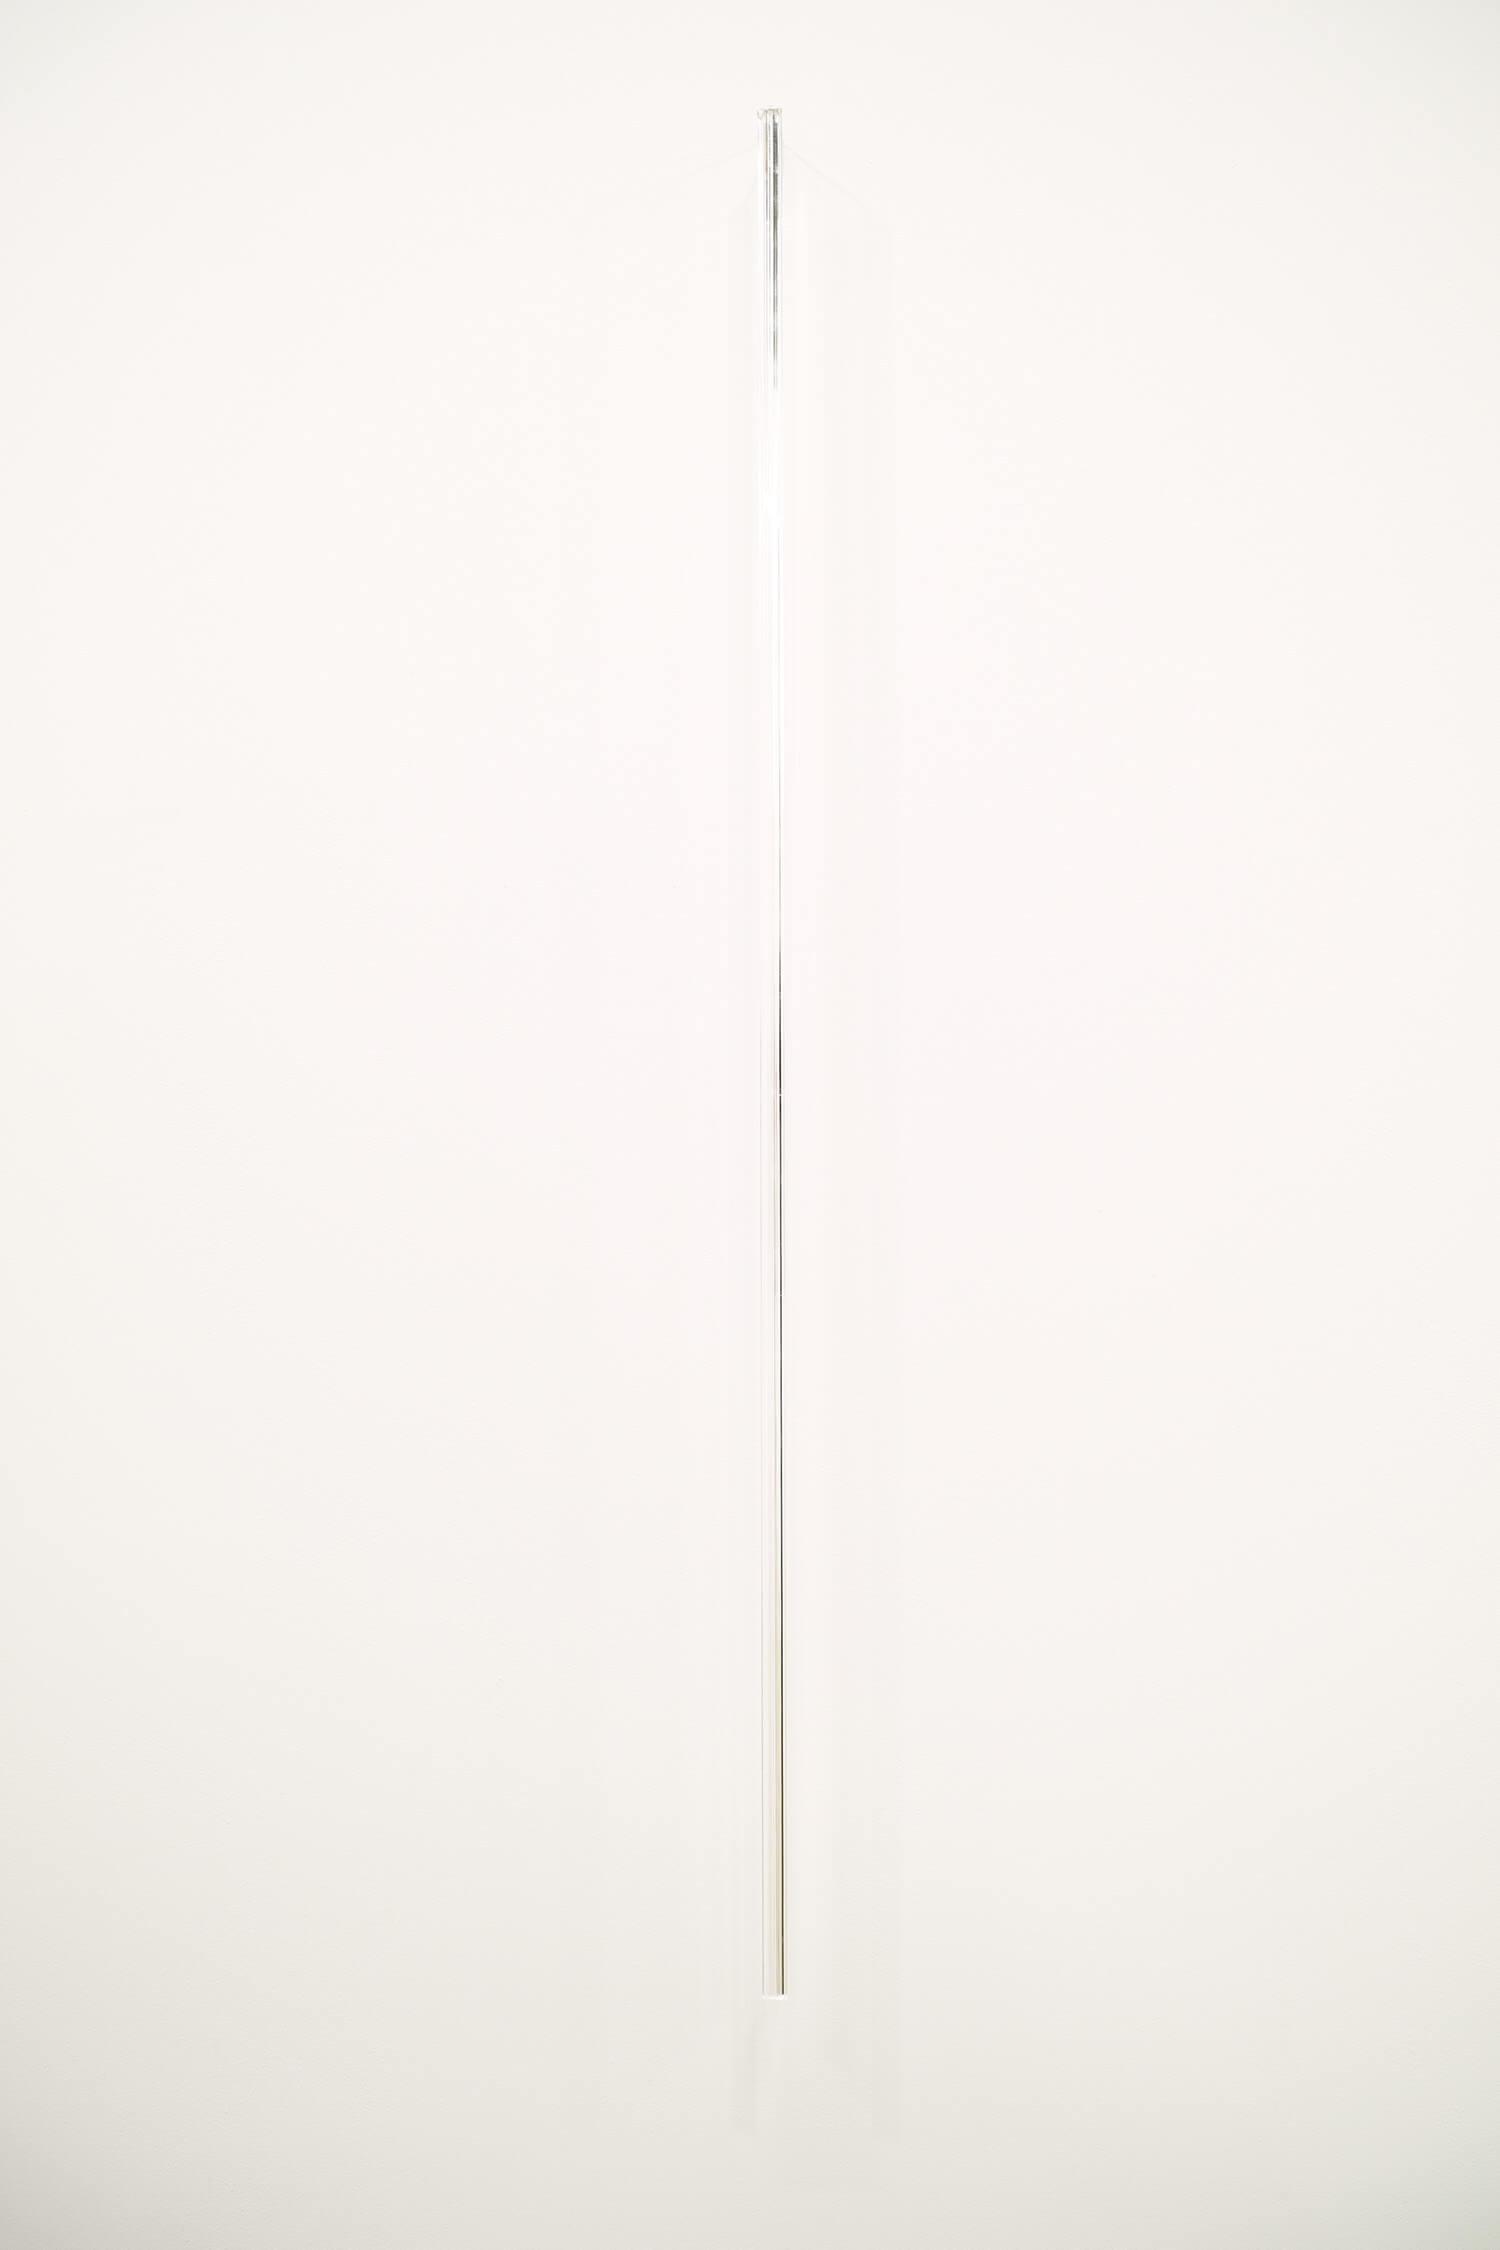 池田啓子 untitled 140328_2 透明アクリル棒(三角柱)、真鍮 7 x 14 x 900 mm 2014